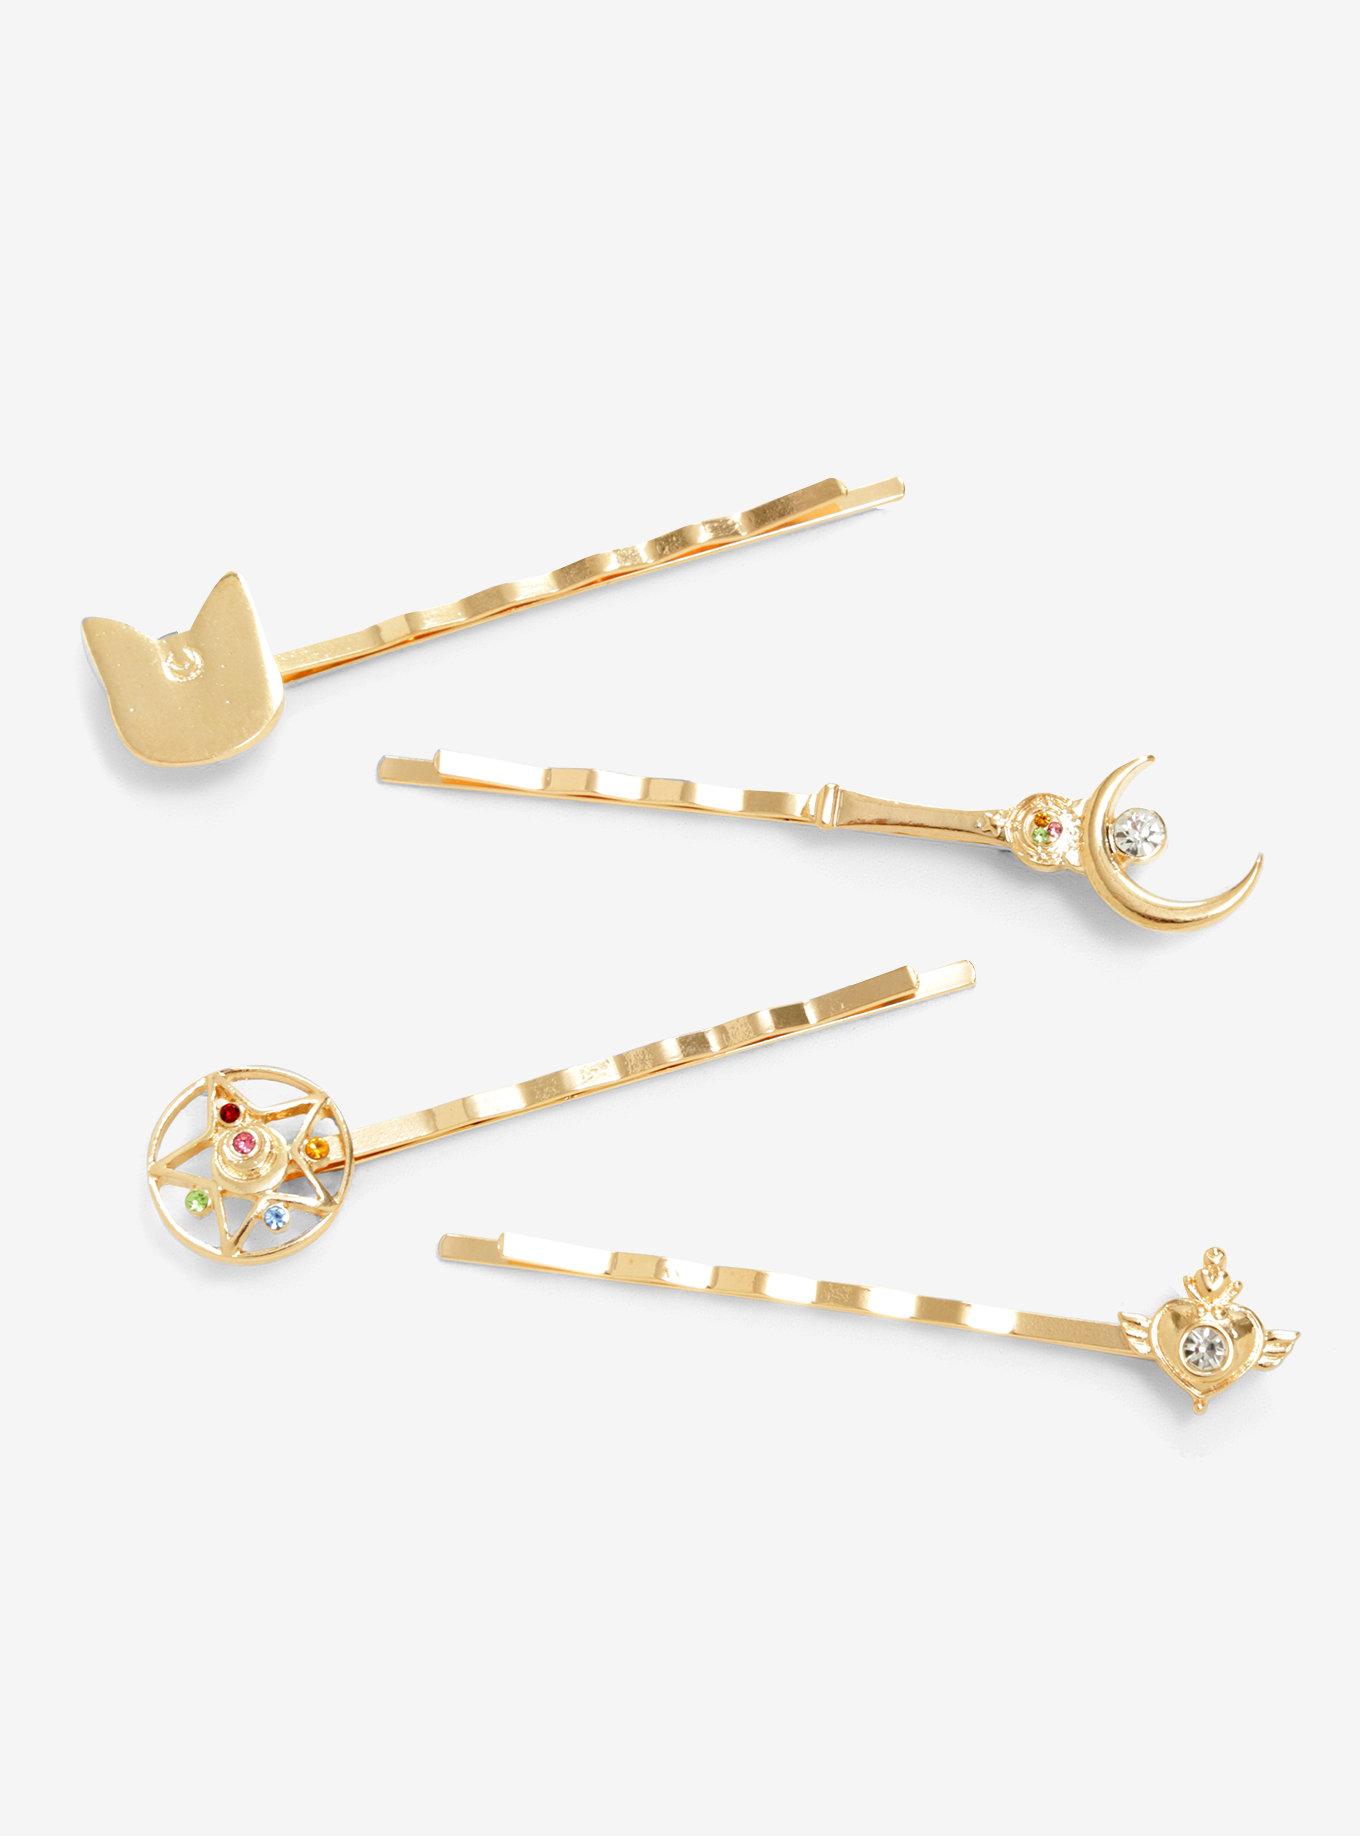 Sailor Moon Bobby Pin Set